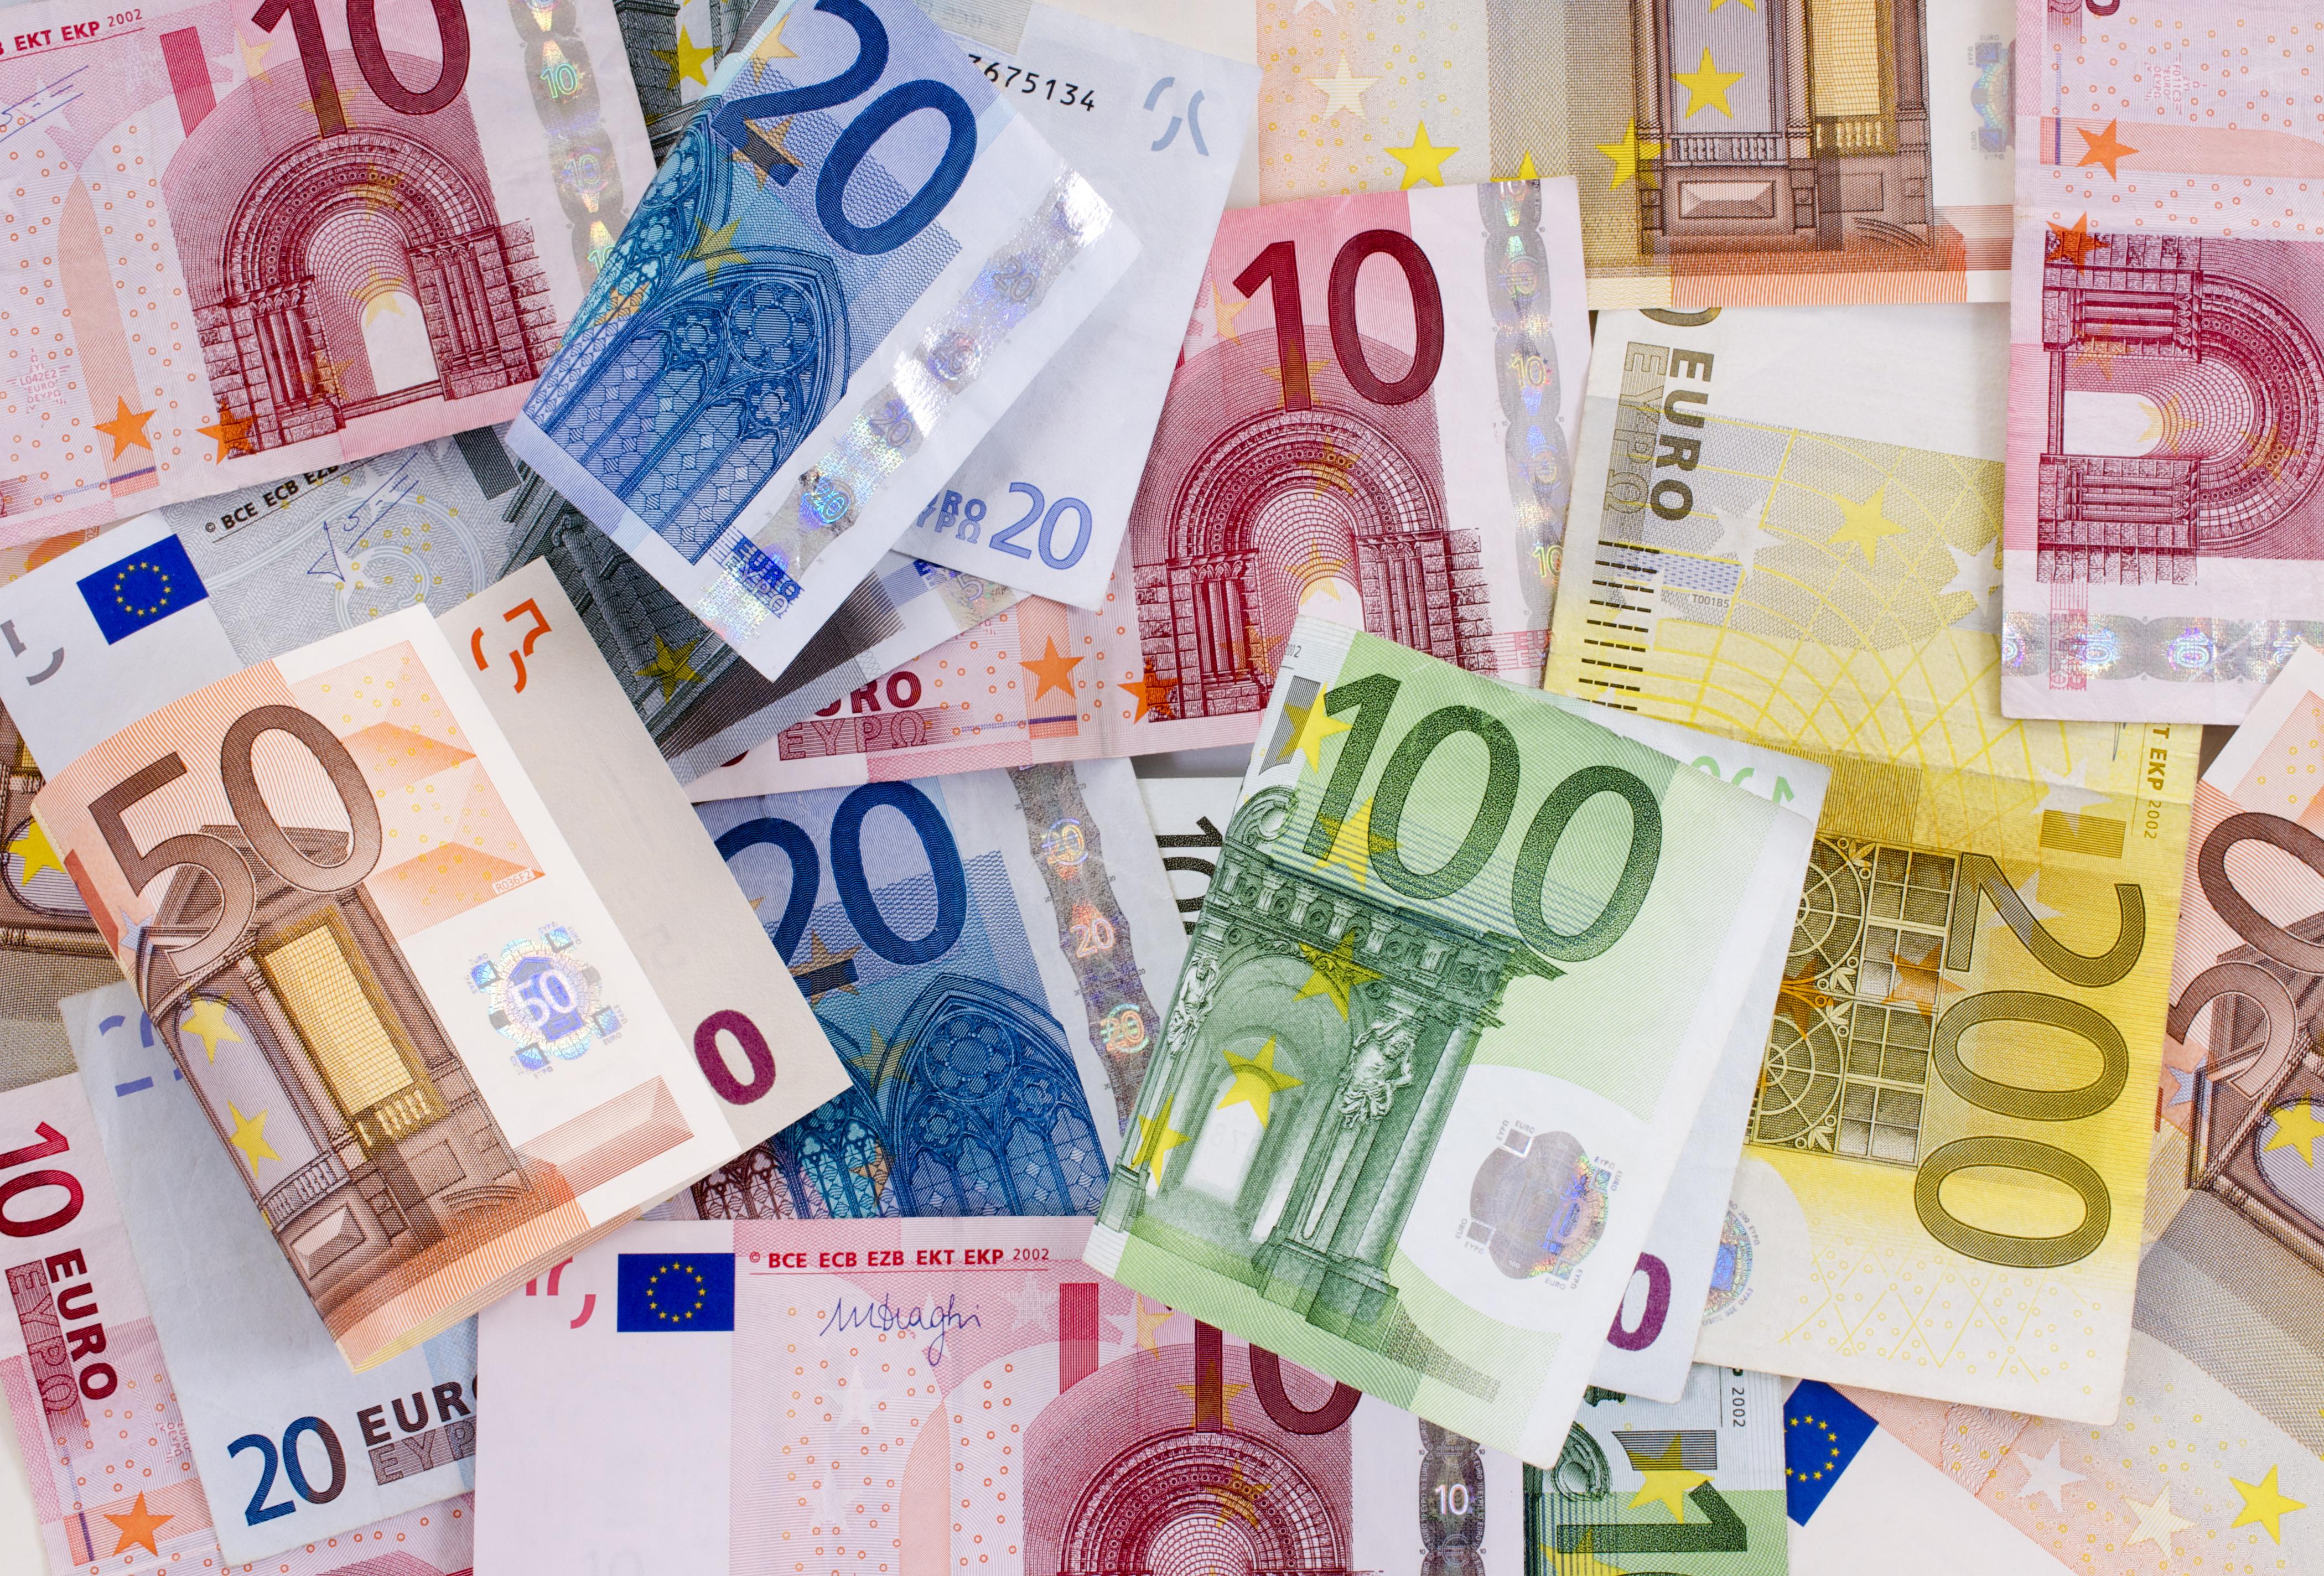 Литва перешла на евро - Форум о заработке и инвестициях